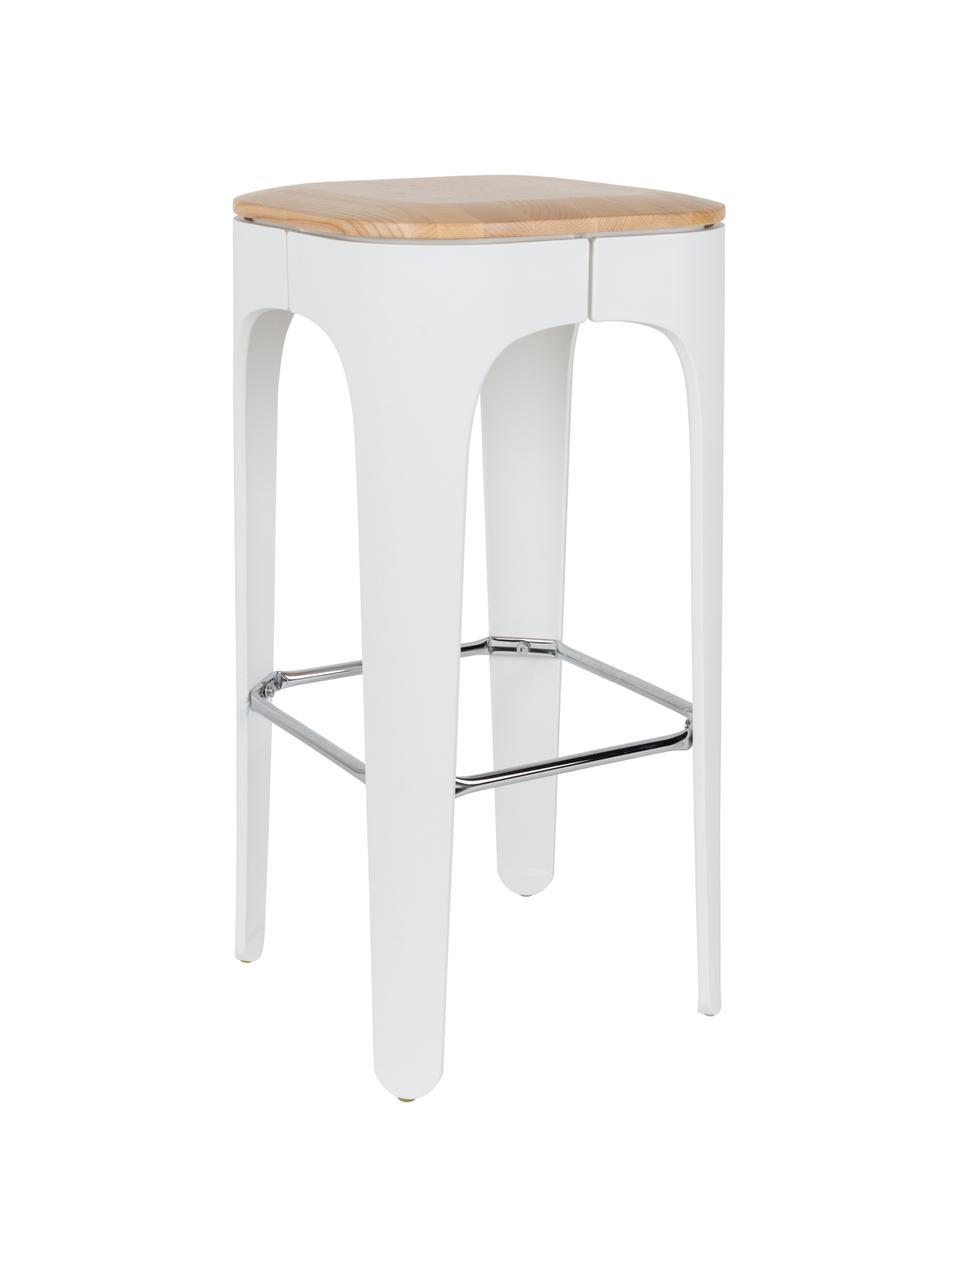 Stołek barowy Up-High, Nogi: polipropylen matowy, laki, Siedzisko: drewno jesionowe Nogi: biały Podnóżek: srebrny, S 35 x W 73 cm